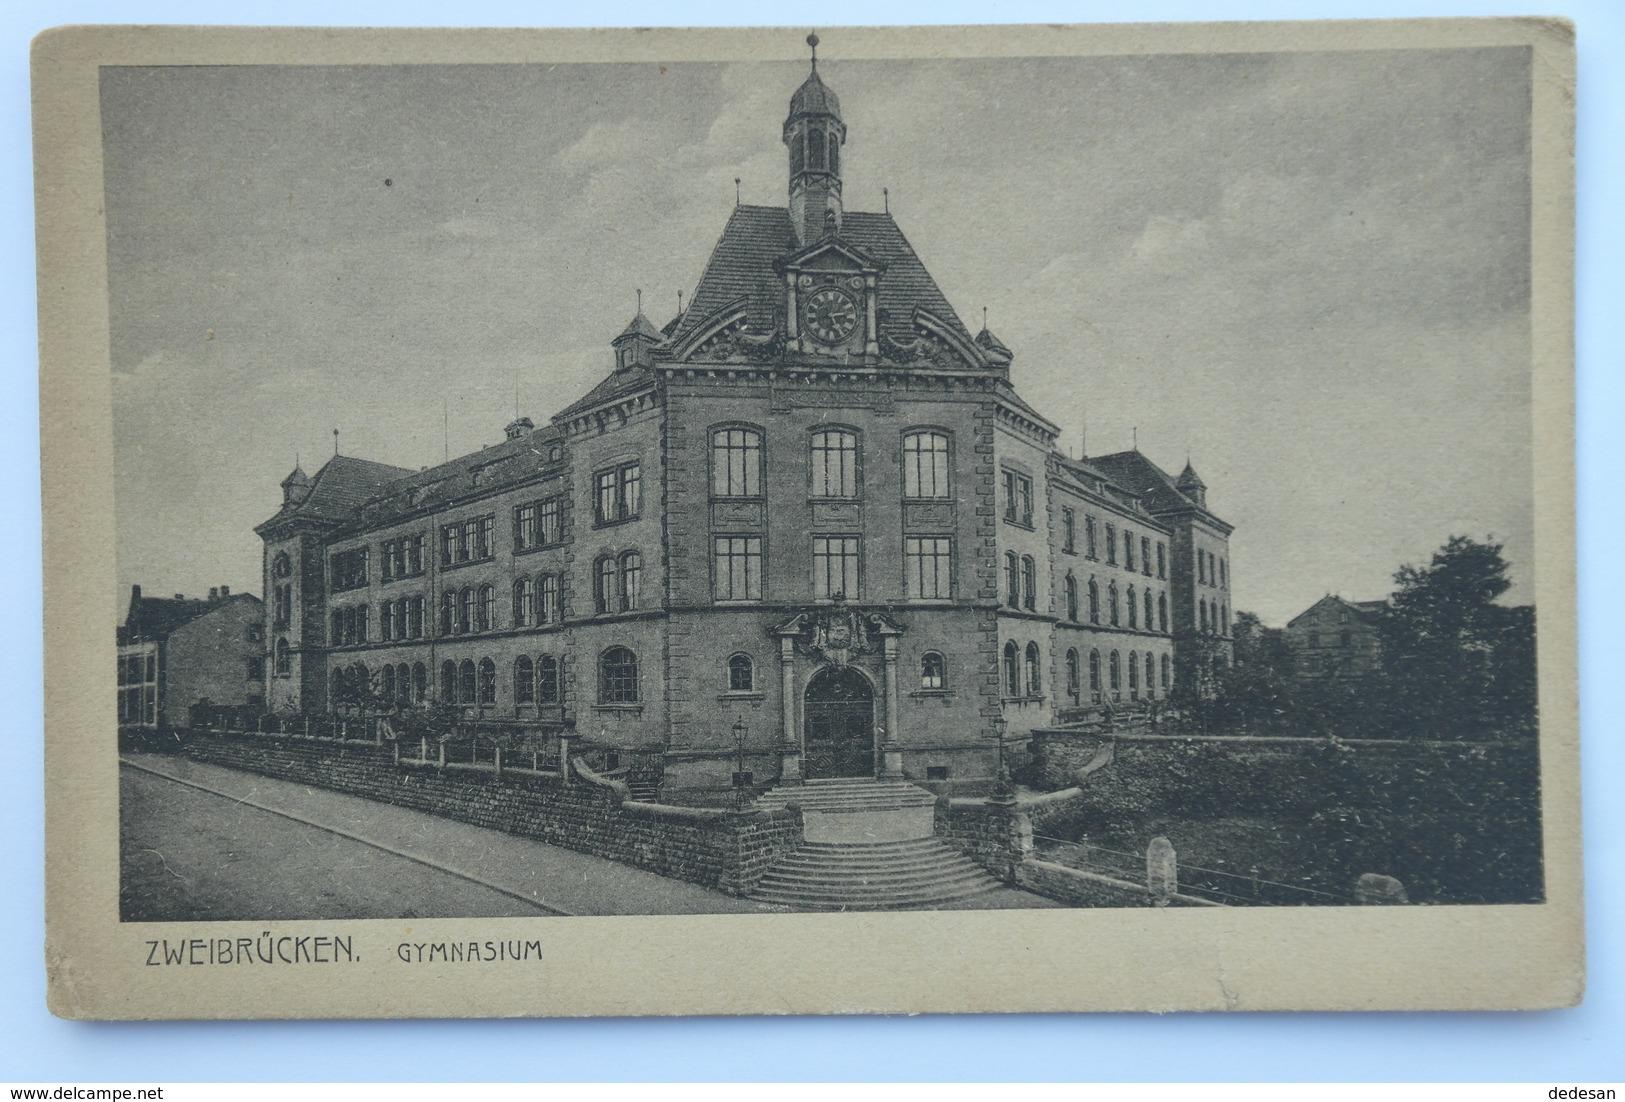 CPA ZWEIBRUCKEN Gymnasium - THE02 - Zweibruecken